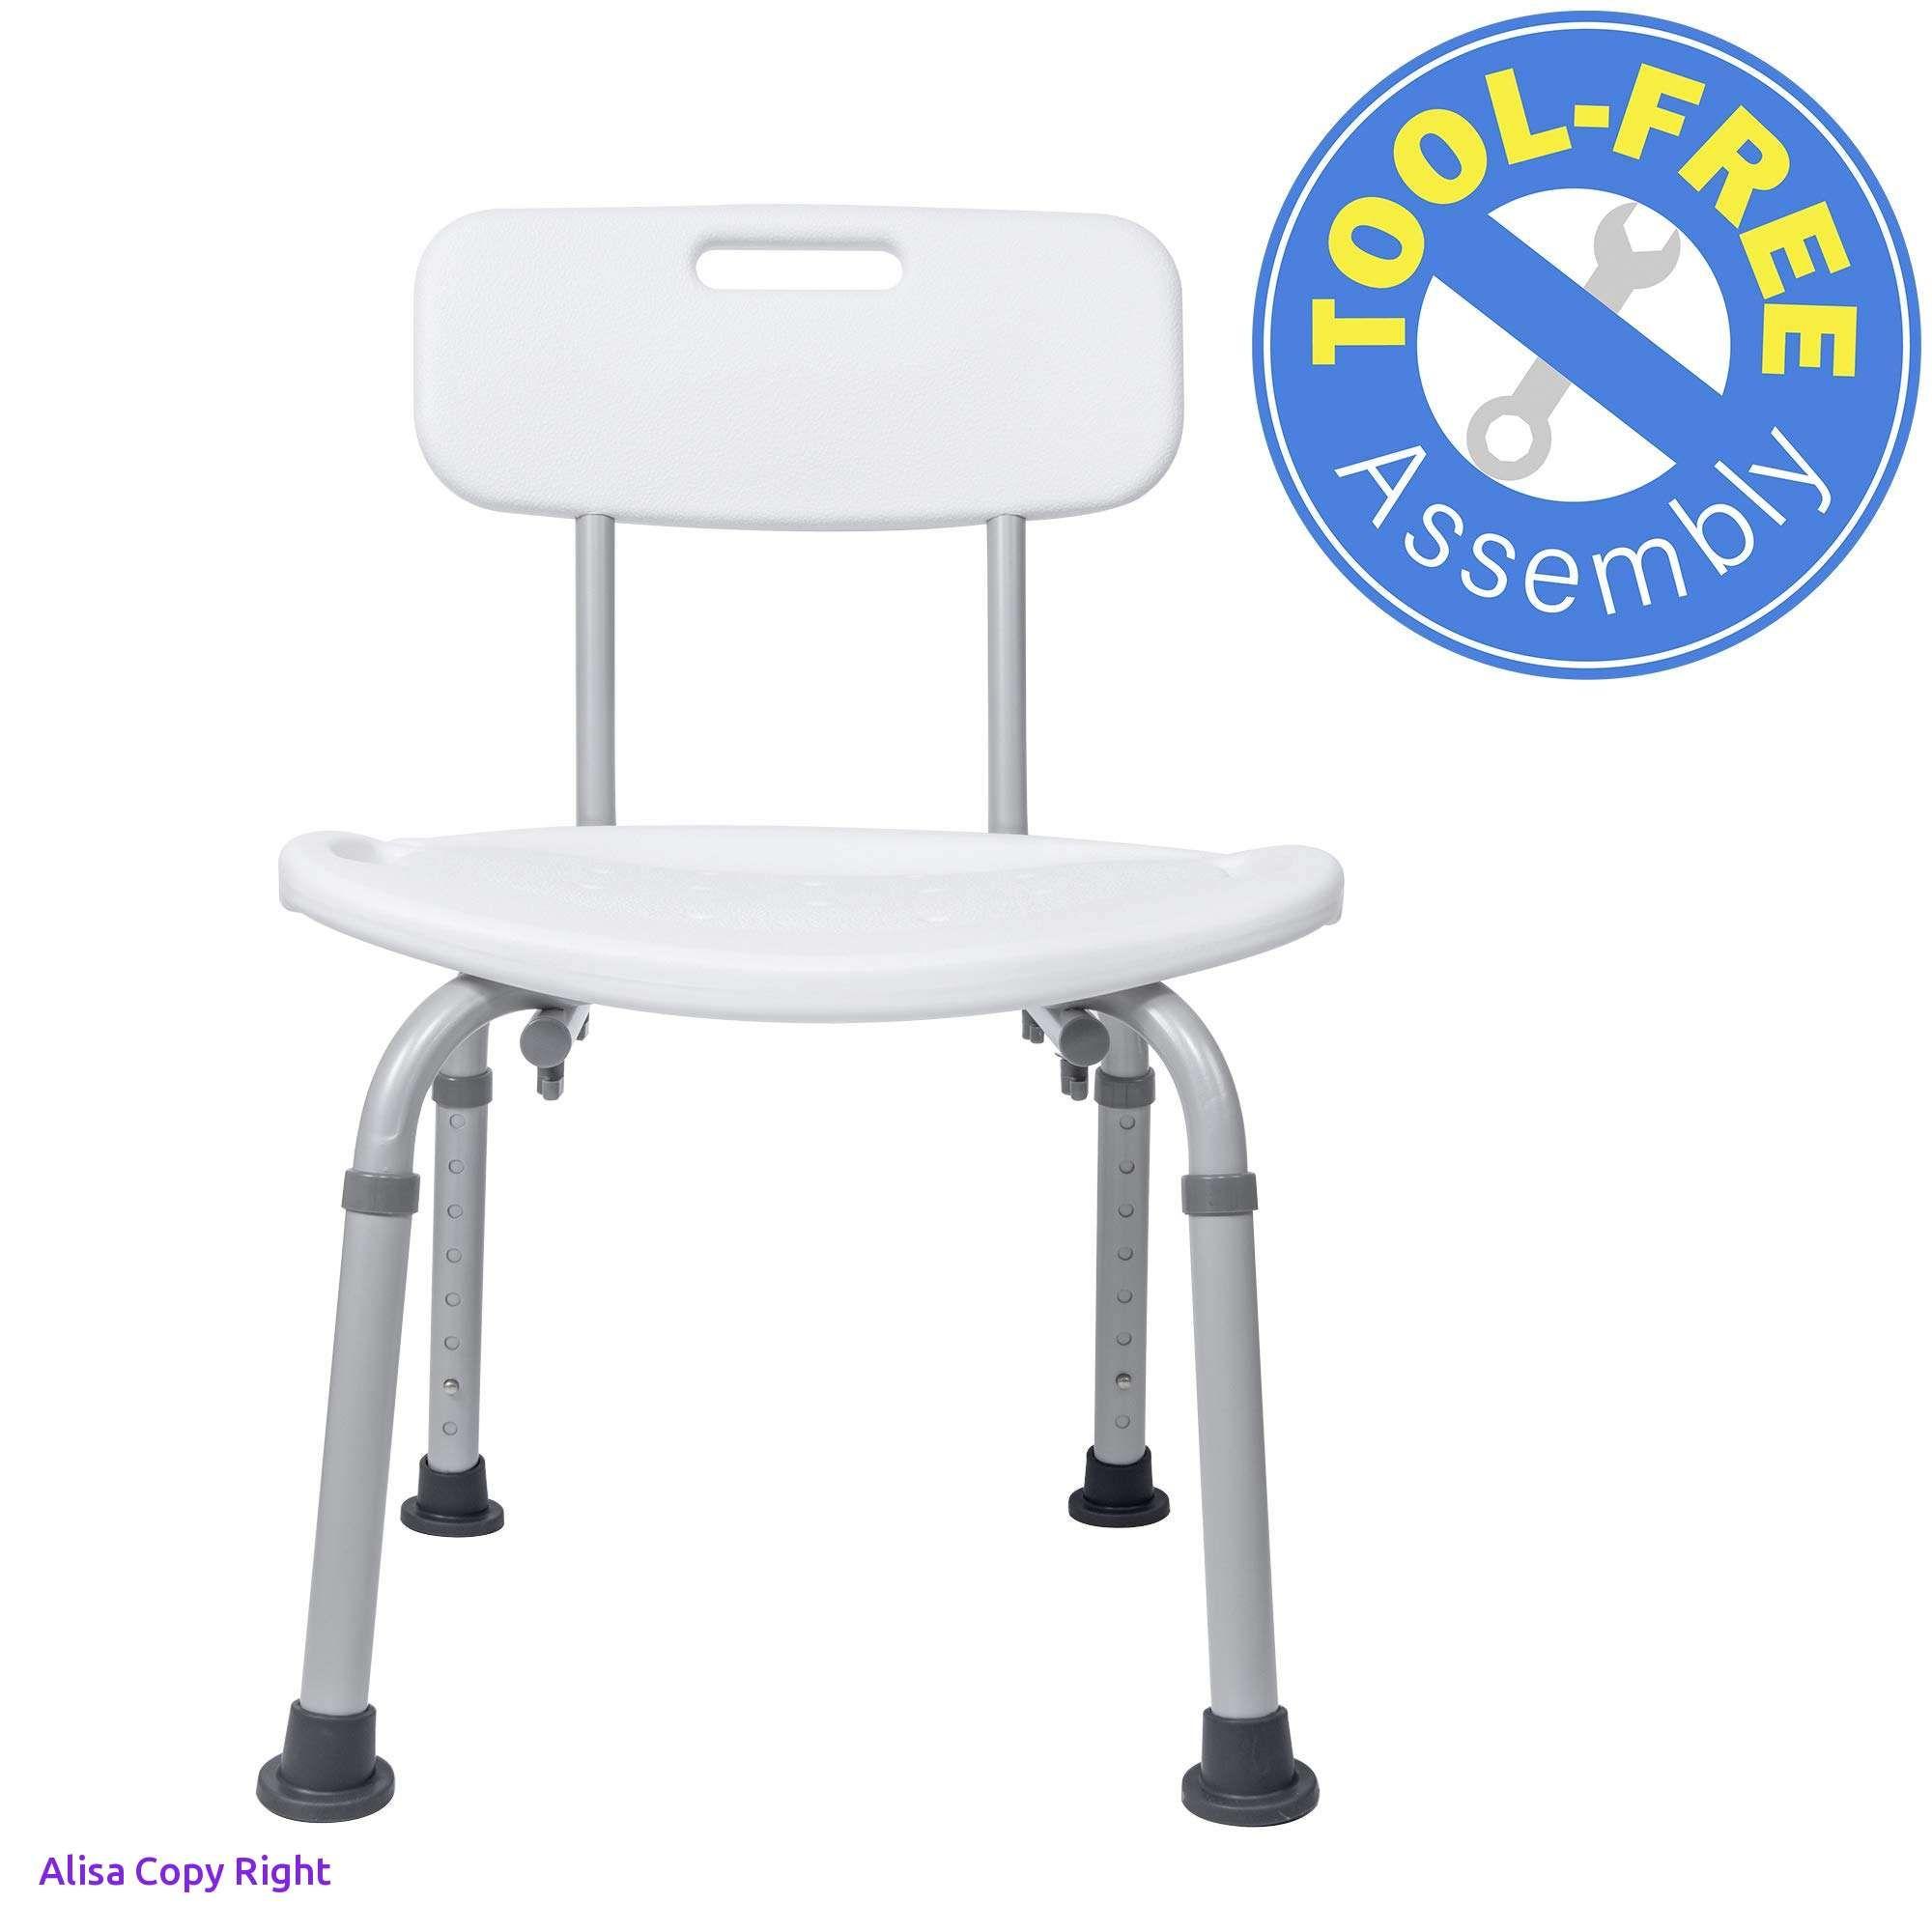 Teak Shower Bench Teak Shower Bench Shower Chair Shower Bench